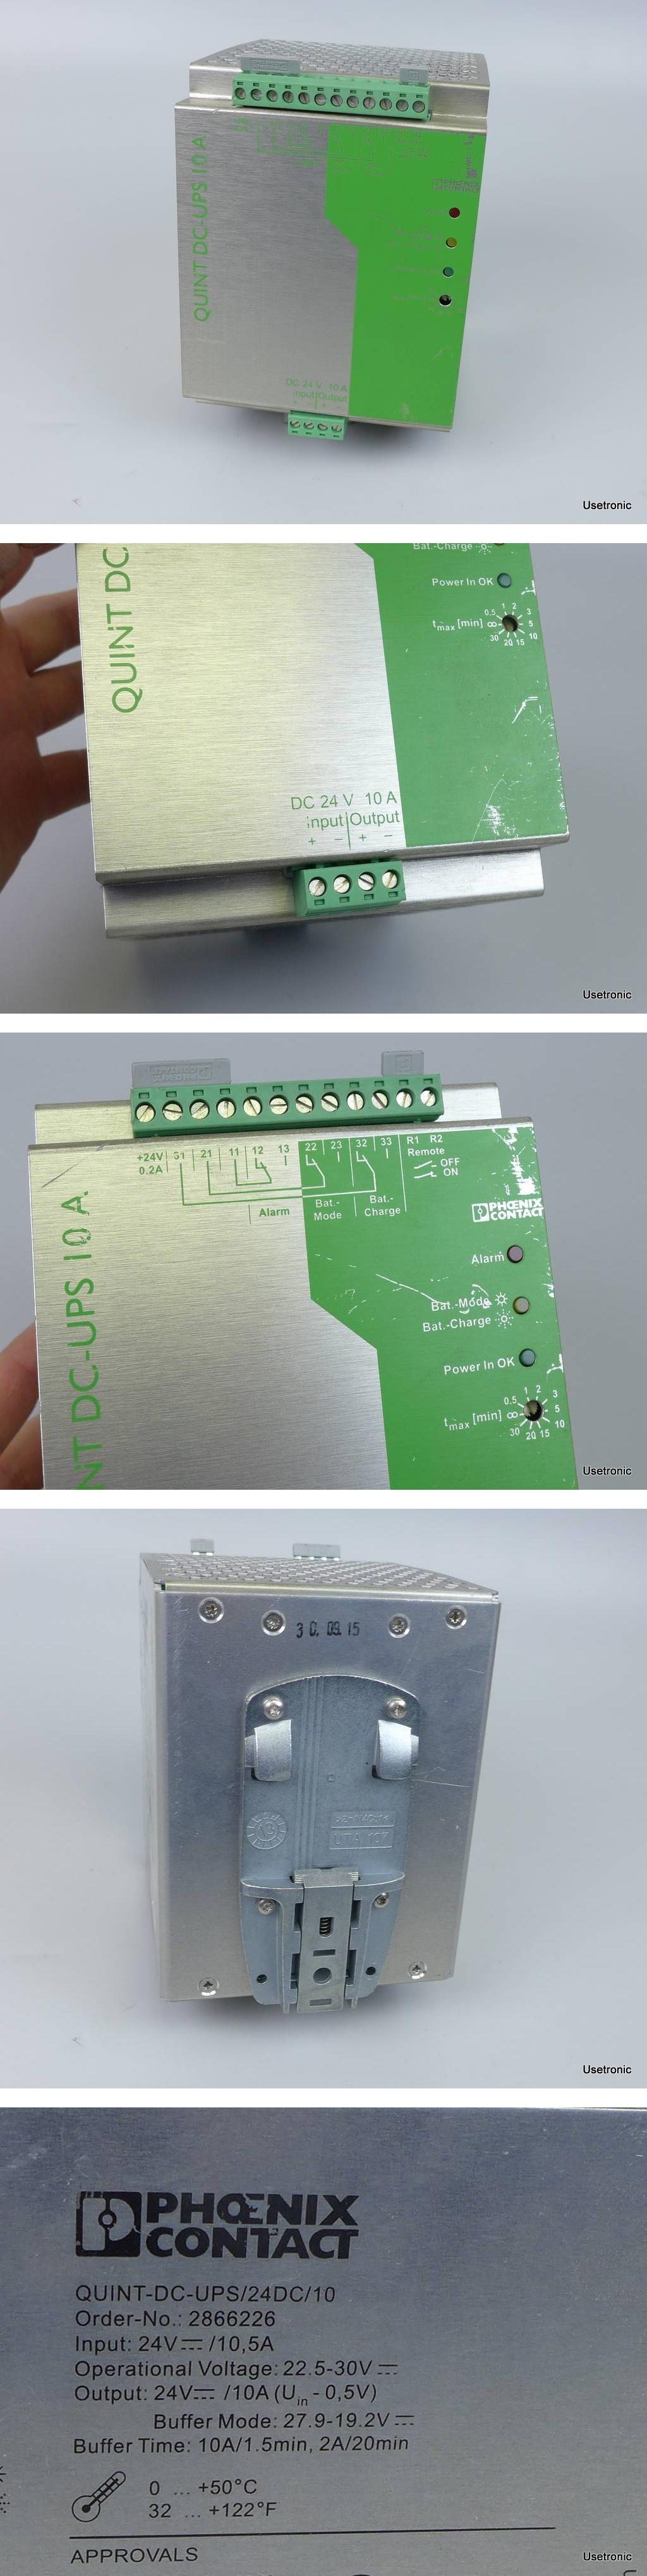 Phoenix Contact Quint-DC-UPS/24DC/10 2866226